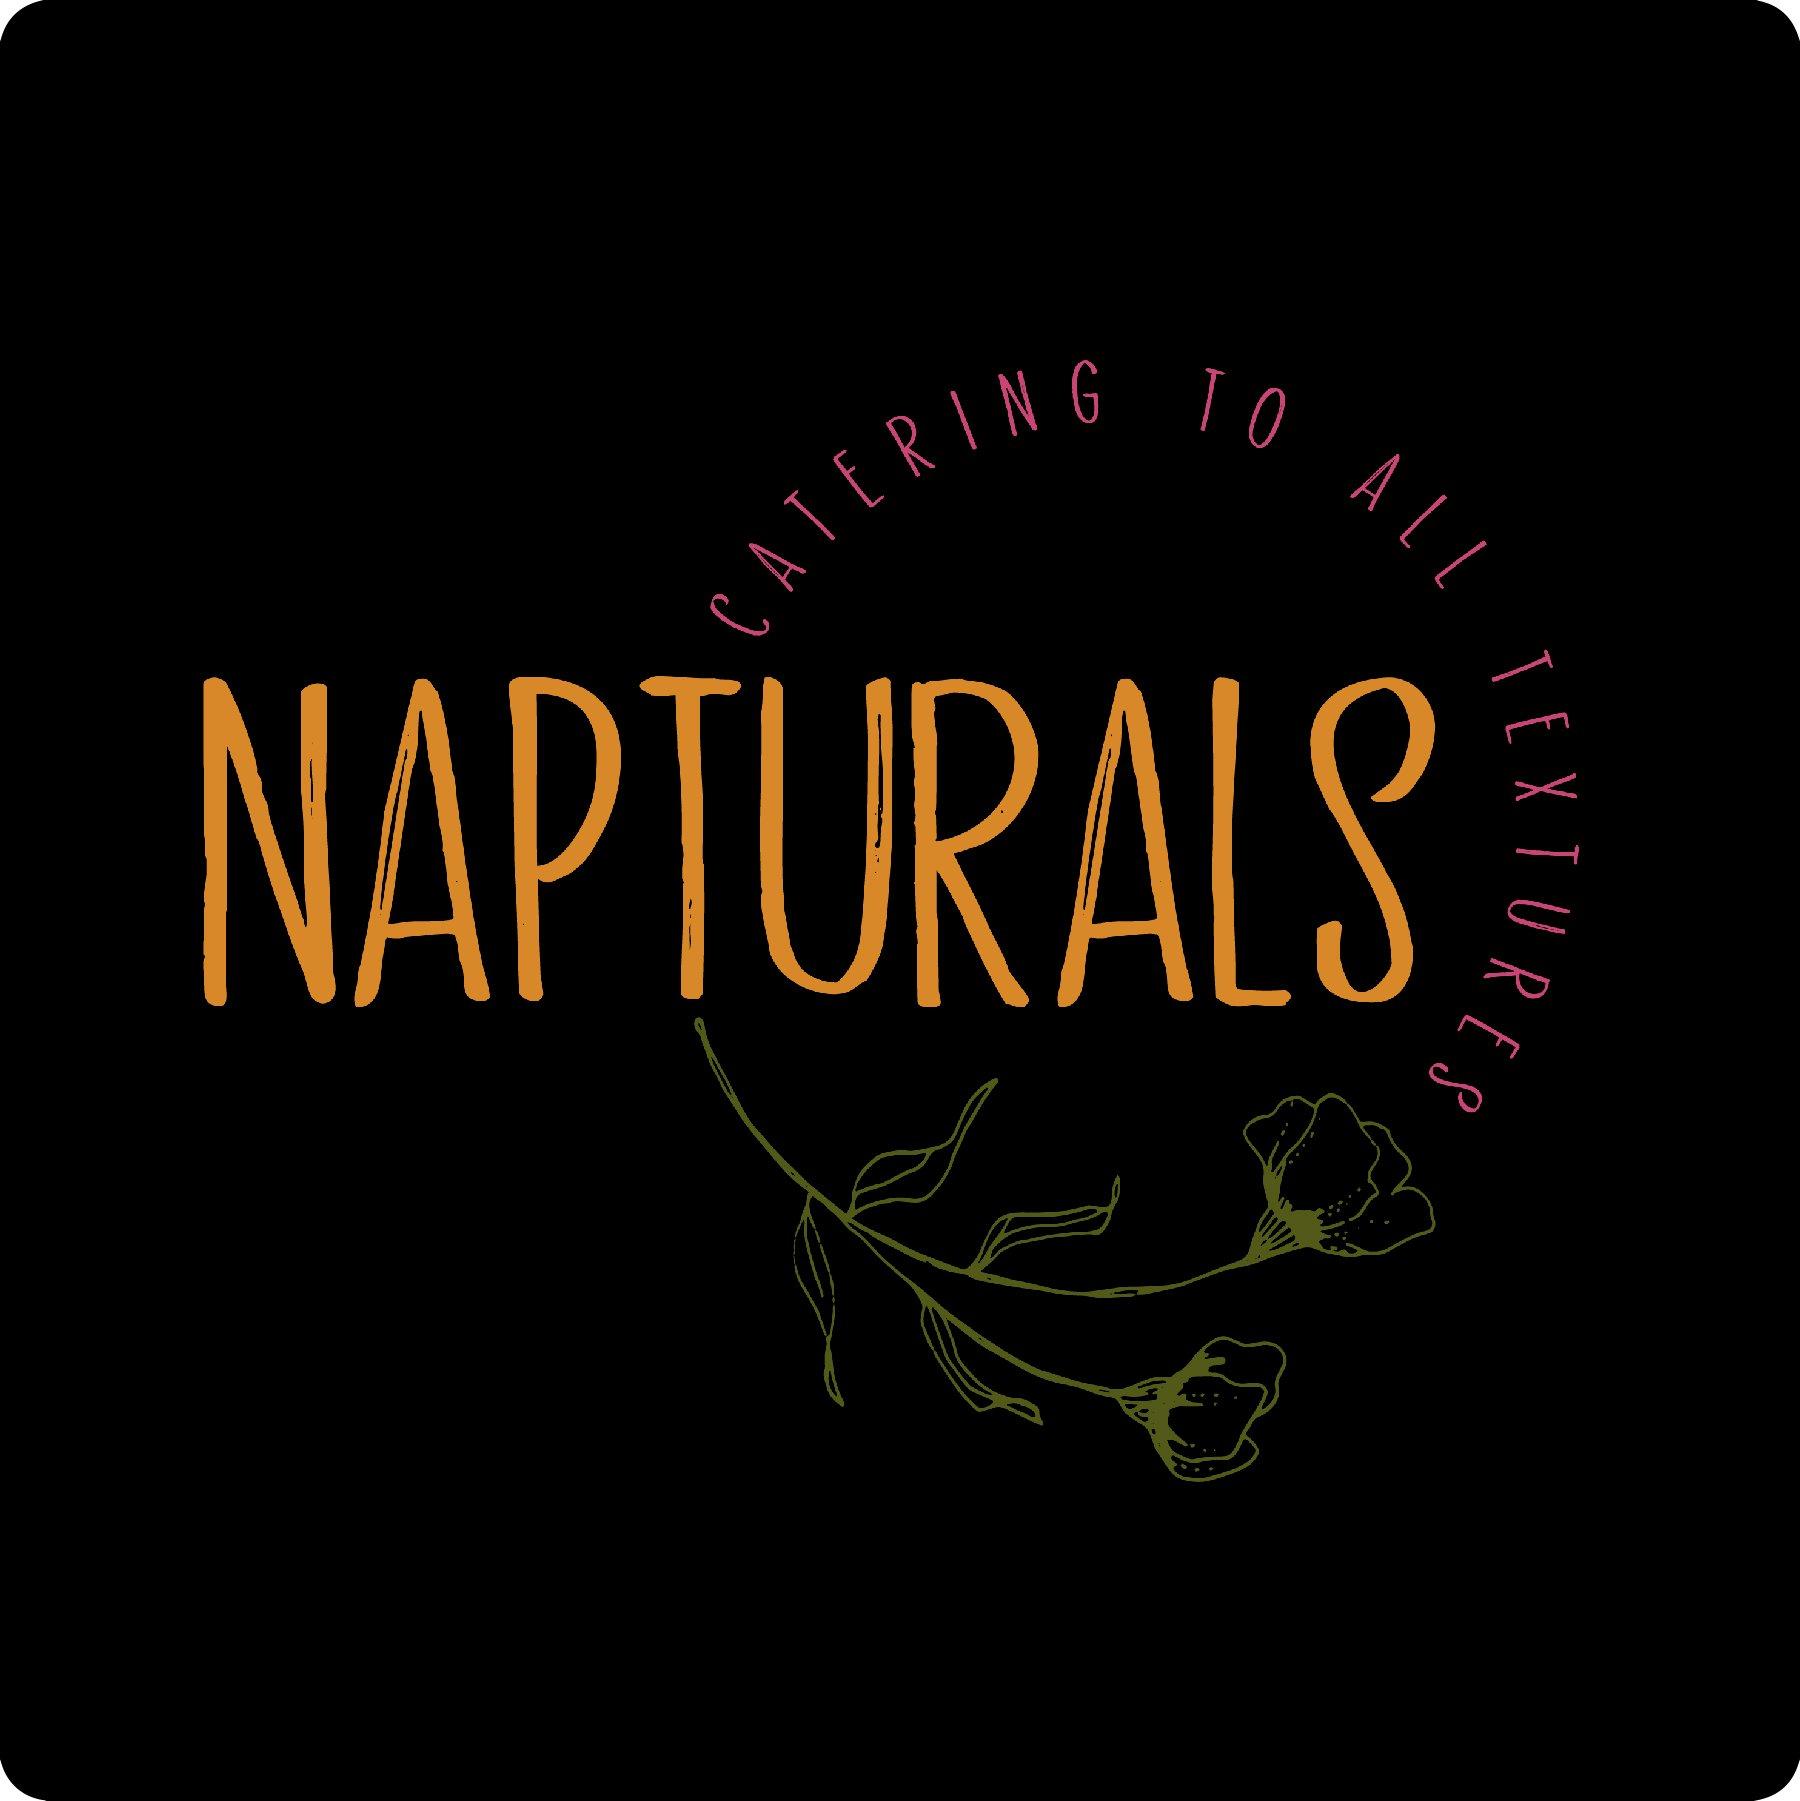 Napturals